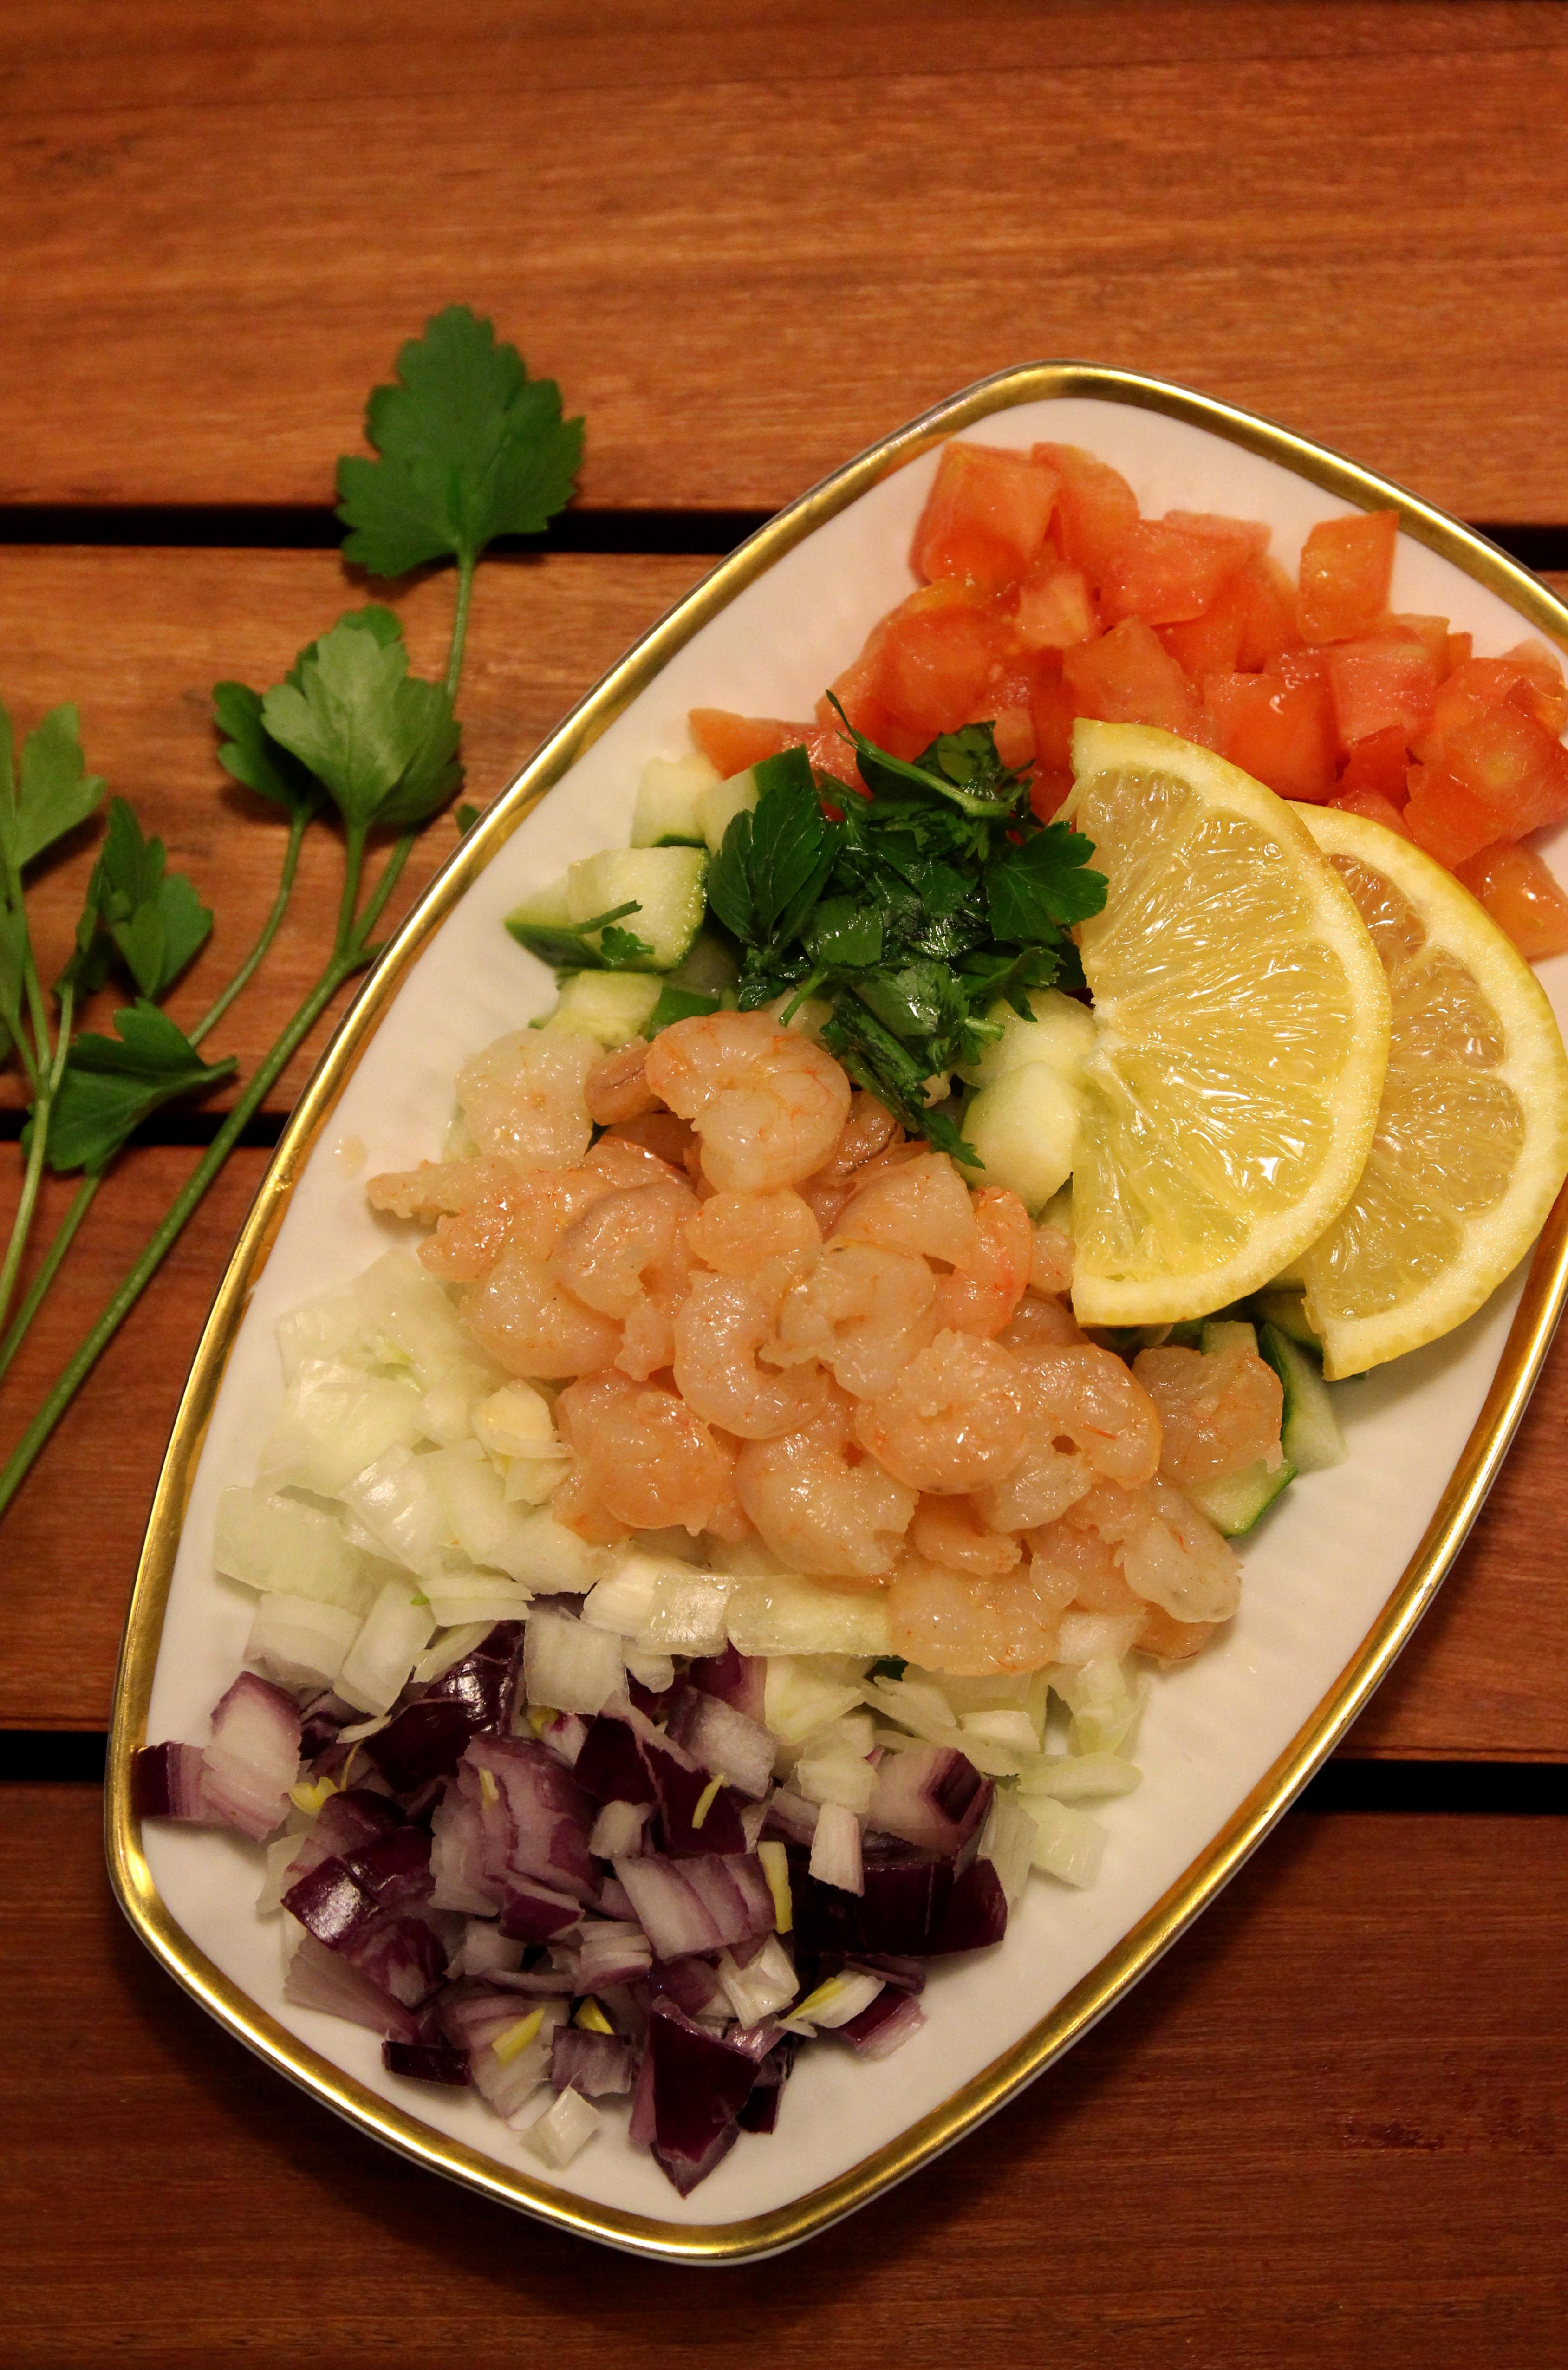 Shrimp & Vegetable Salad5